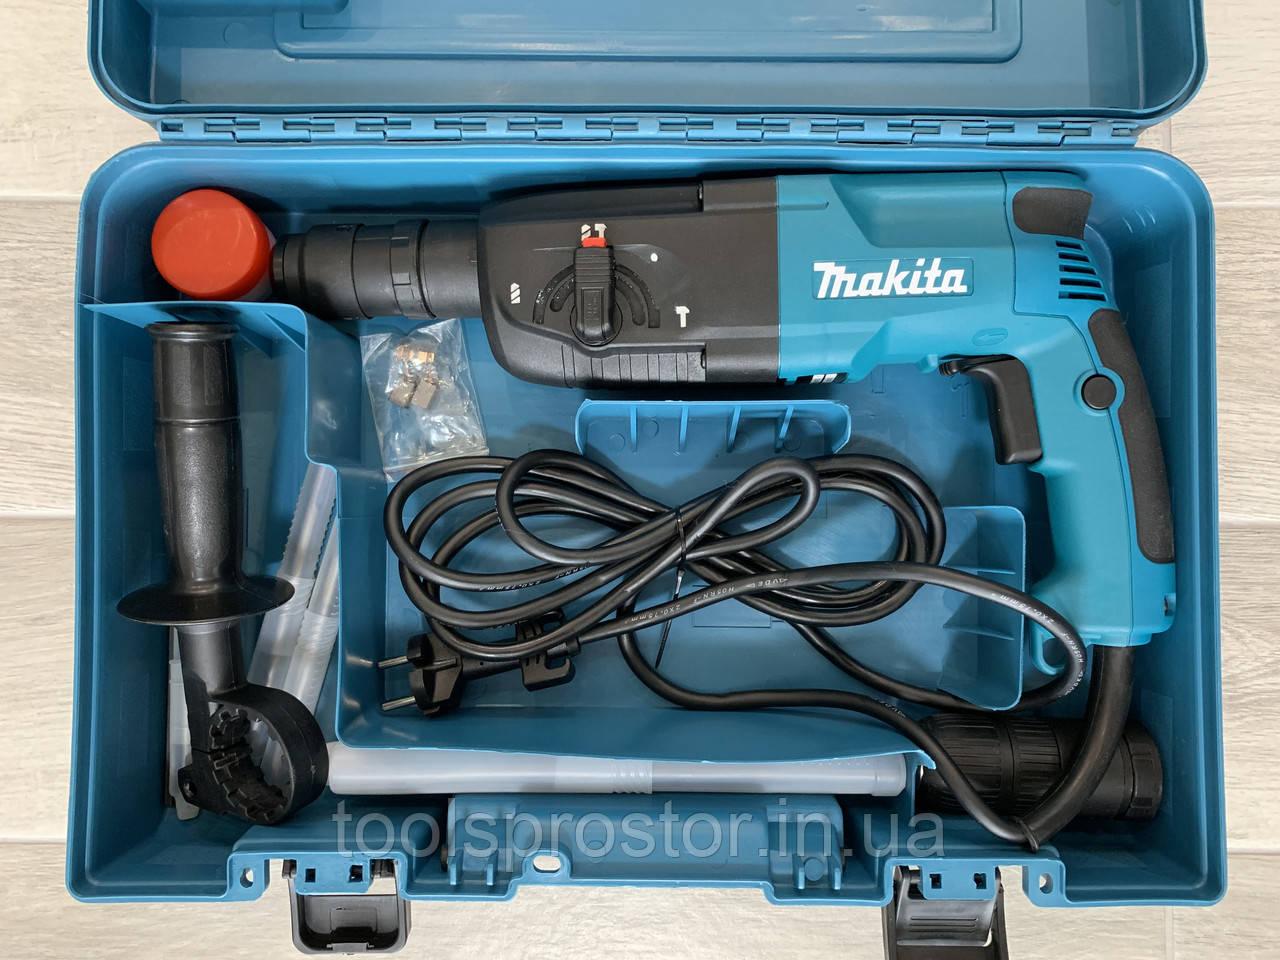 Перфоратор Makita HR 2450T (1100 уд/мин · 780 Вт)